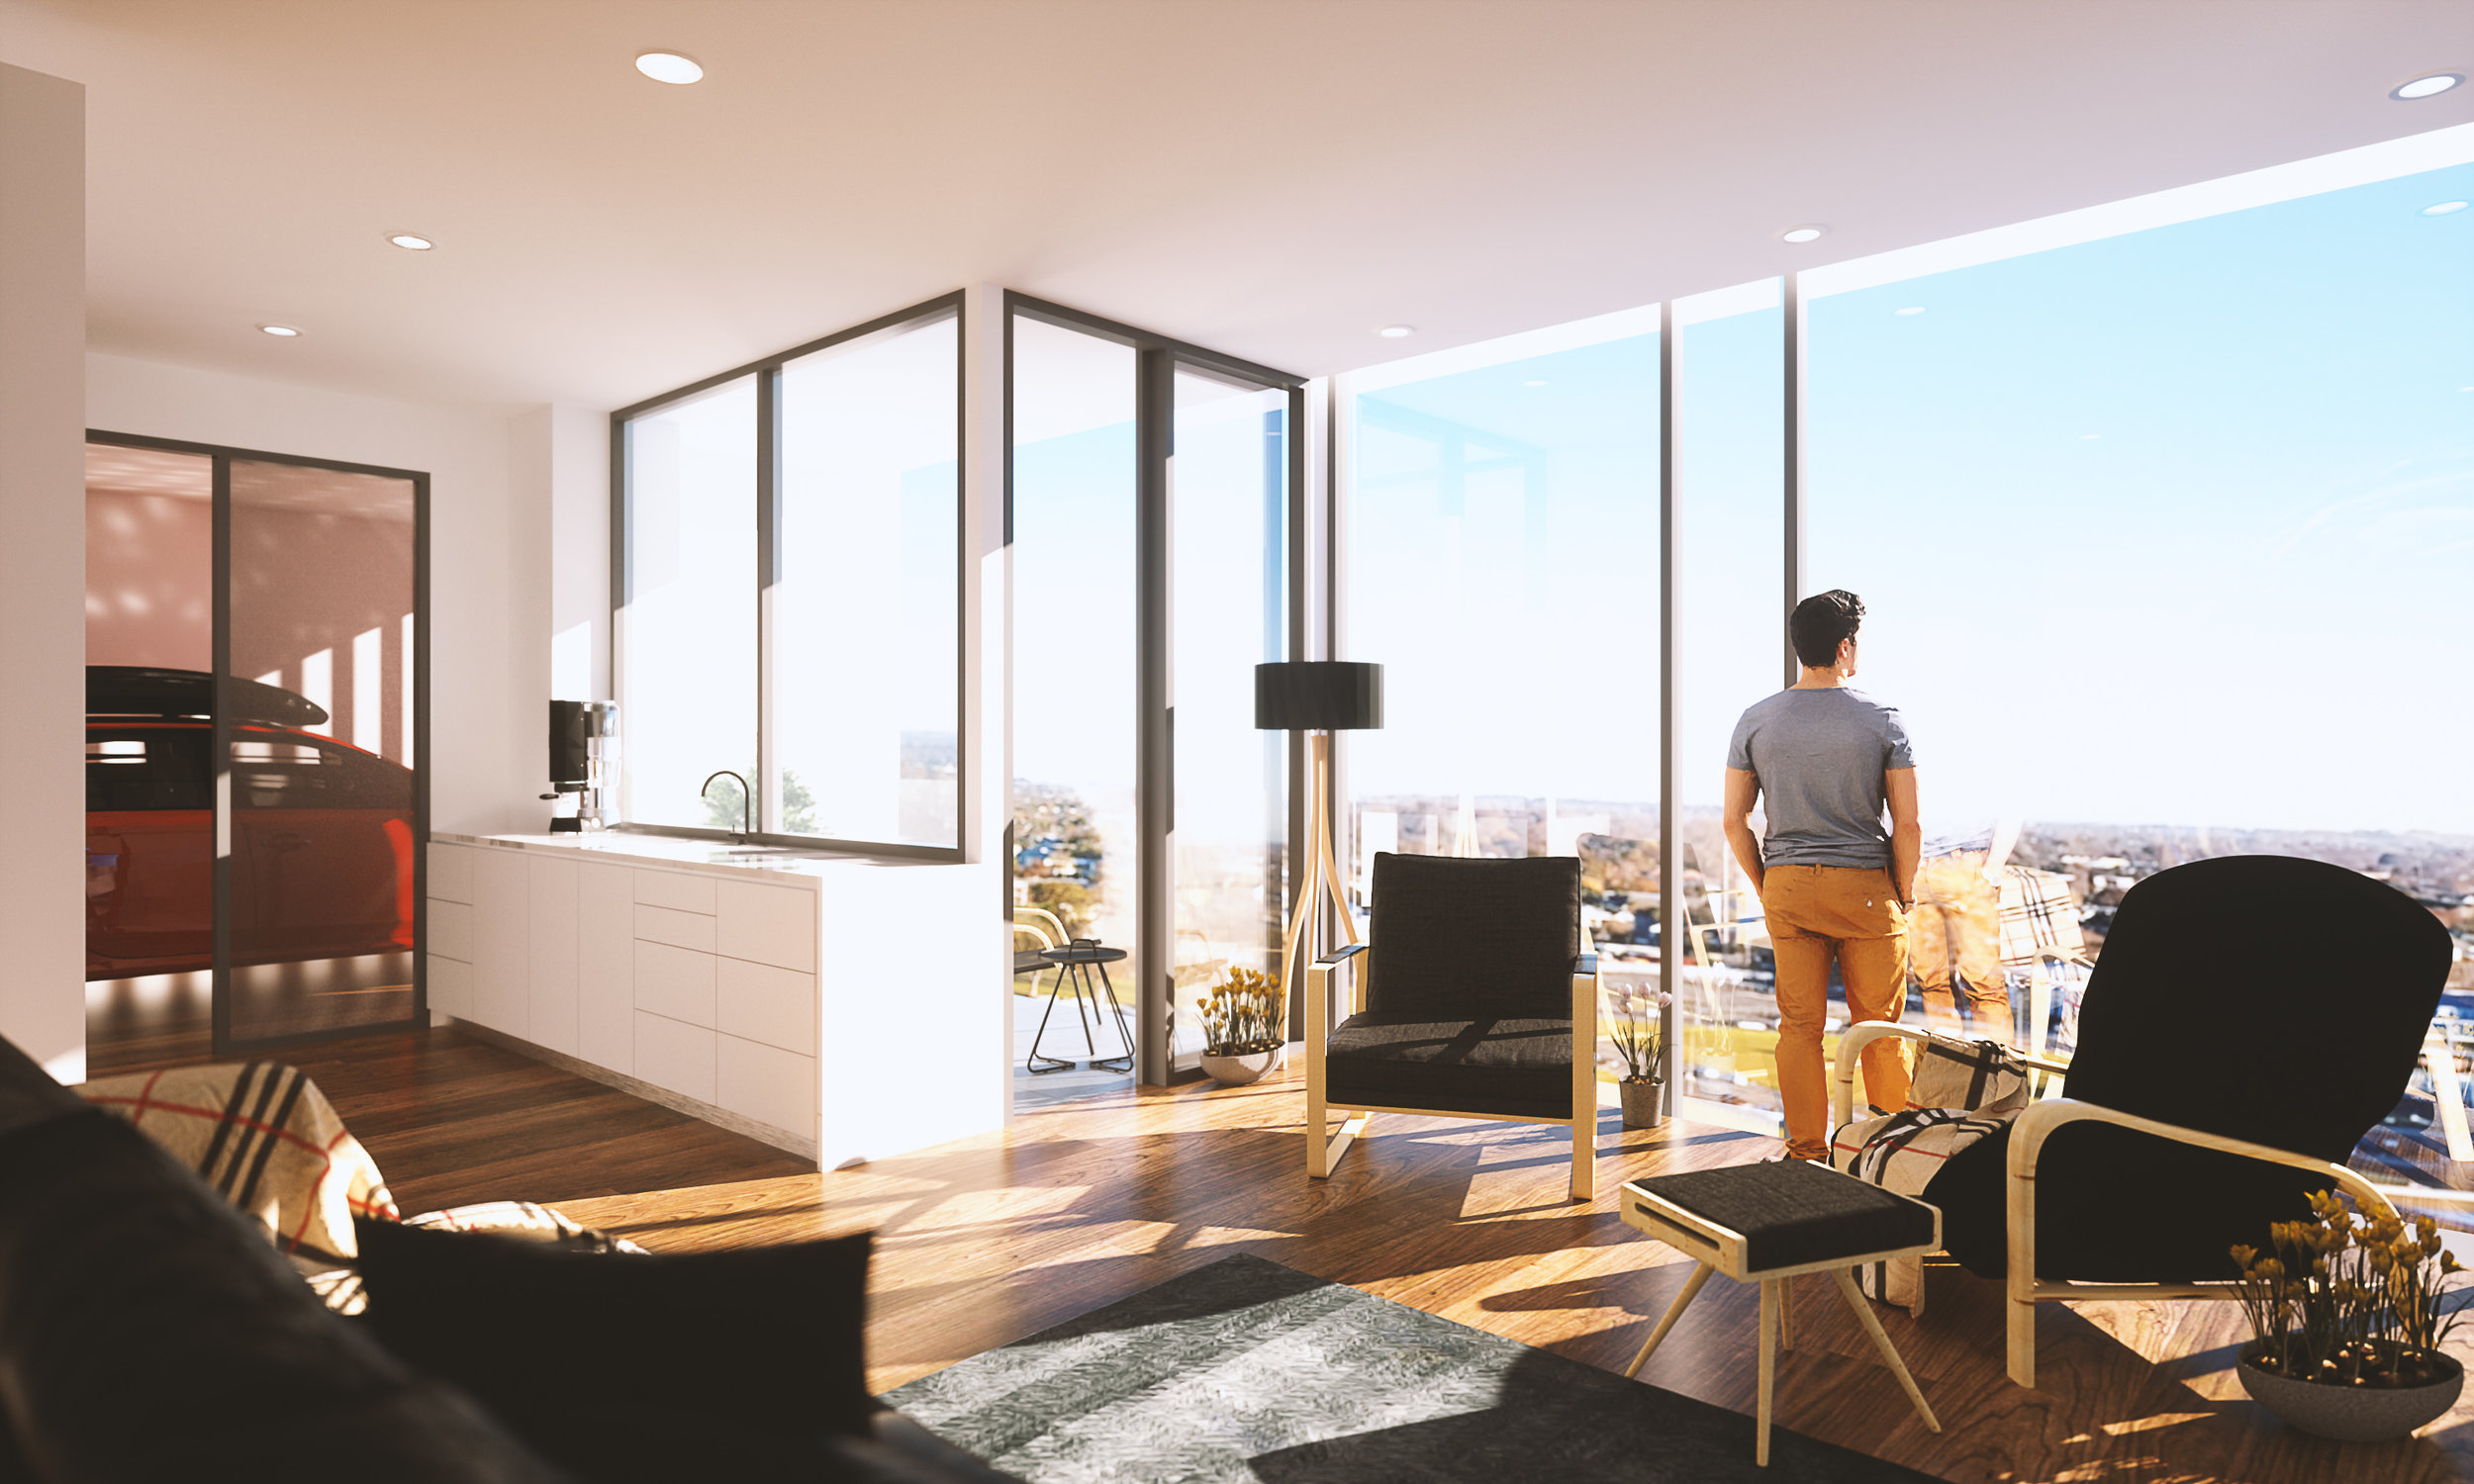 3 bedroom v3 - Indicative Artists Impression copy.jpg